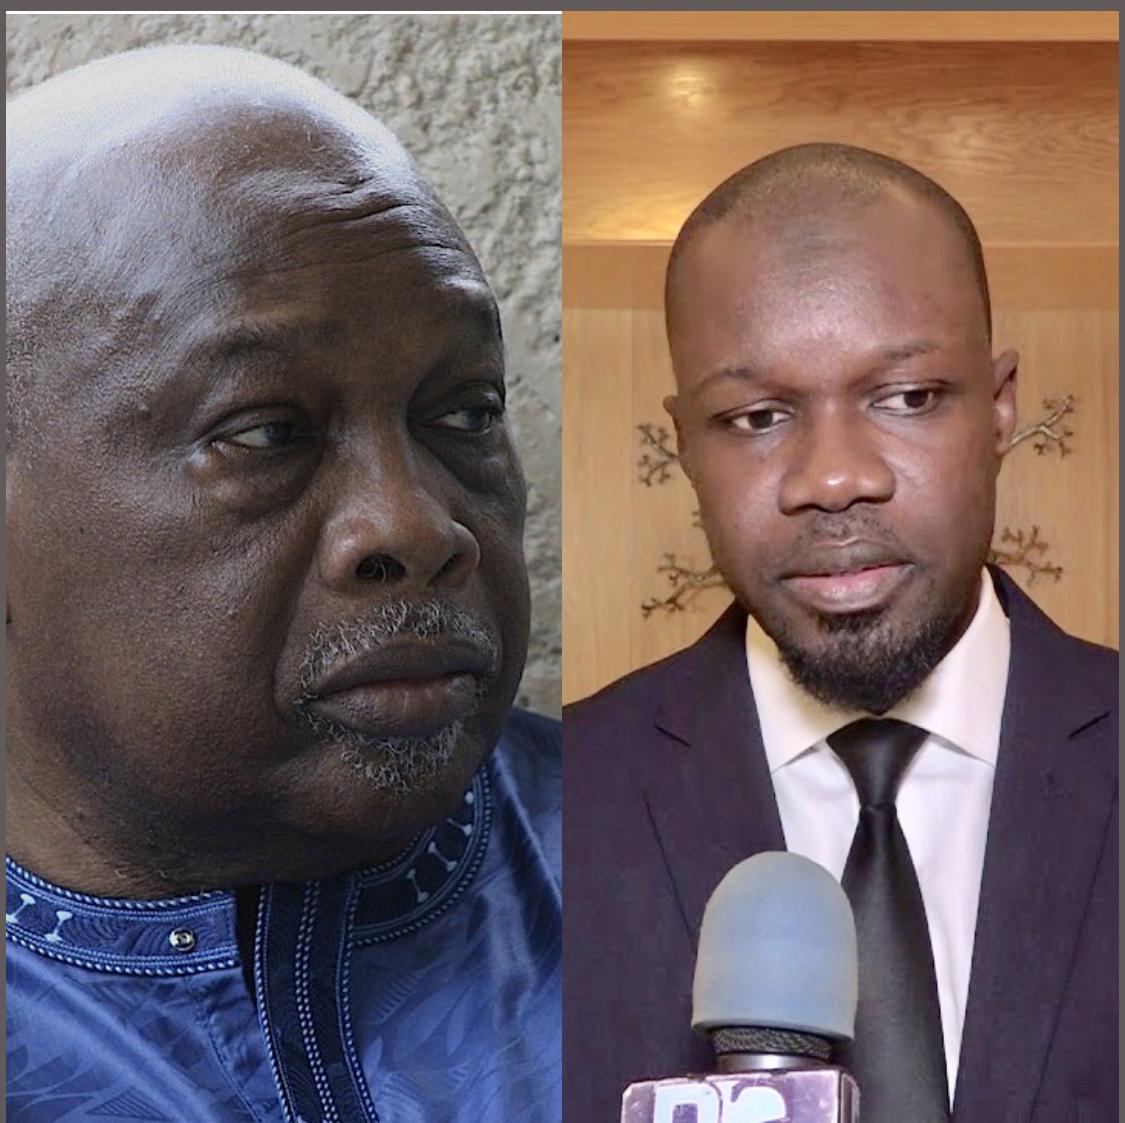 Décès de Amath Dansokho : Ousmane Sonko loue la loyauté et la sincérité de son engagement pour sa patrie...